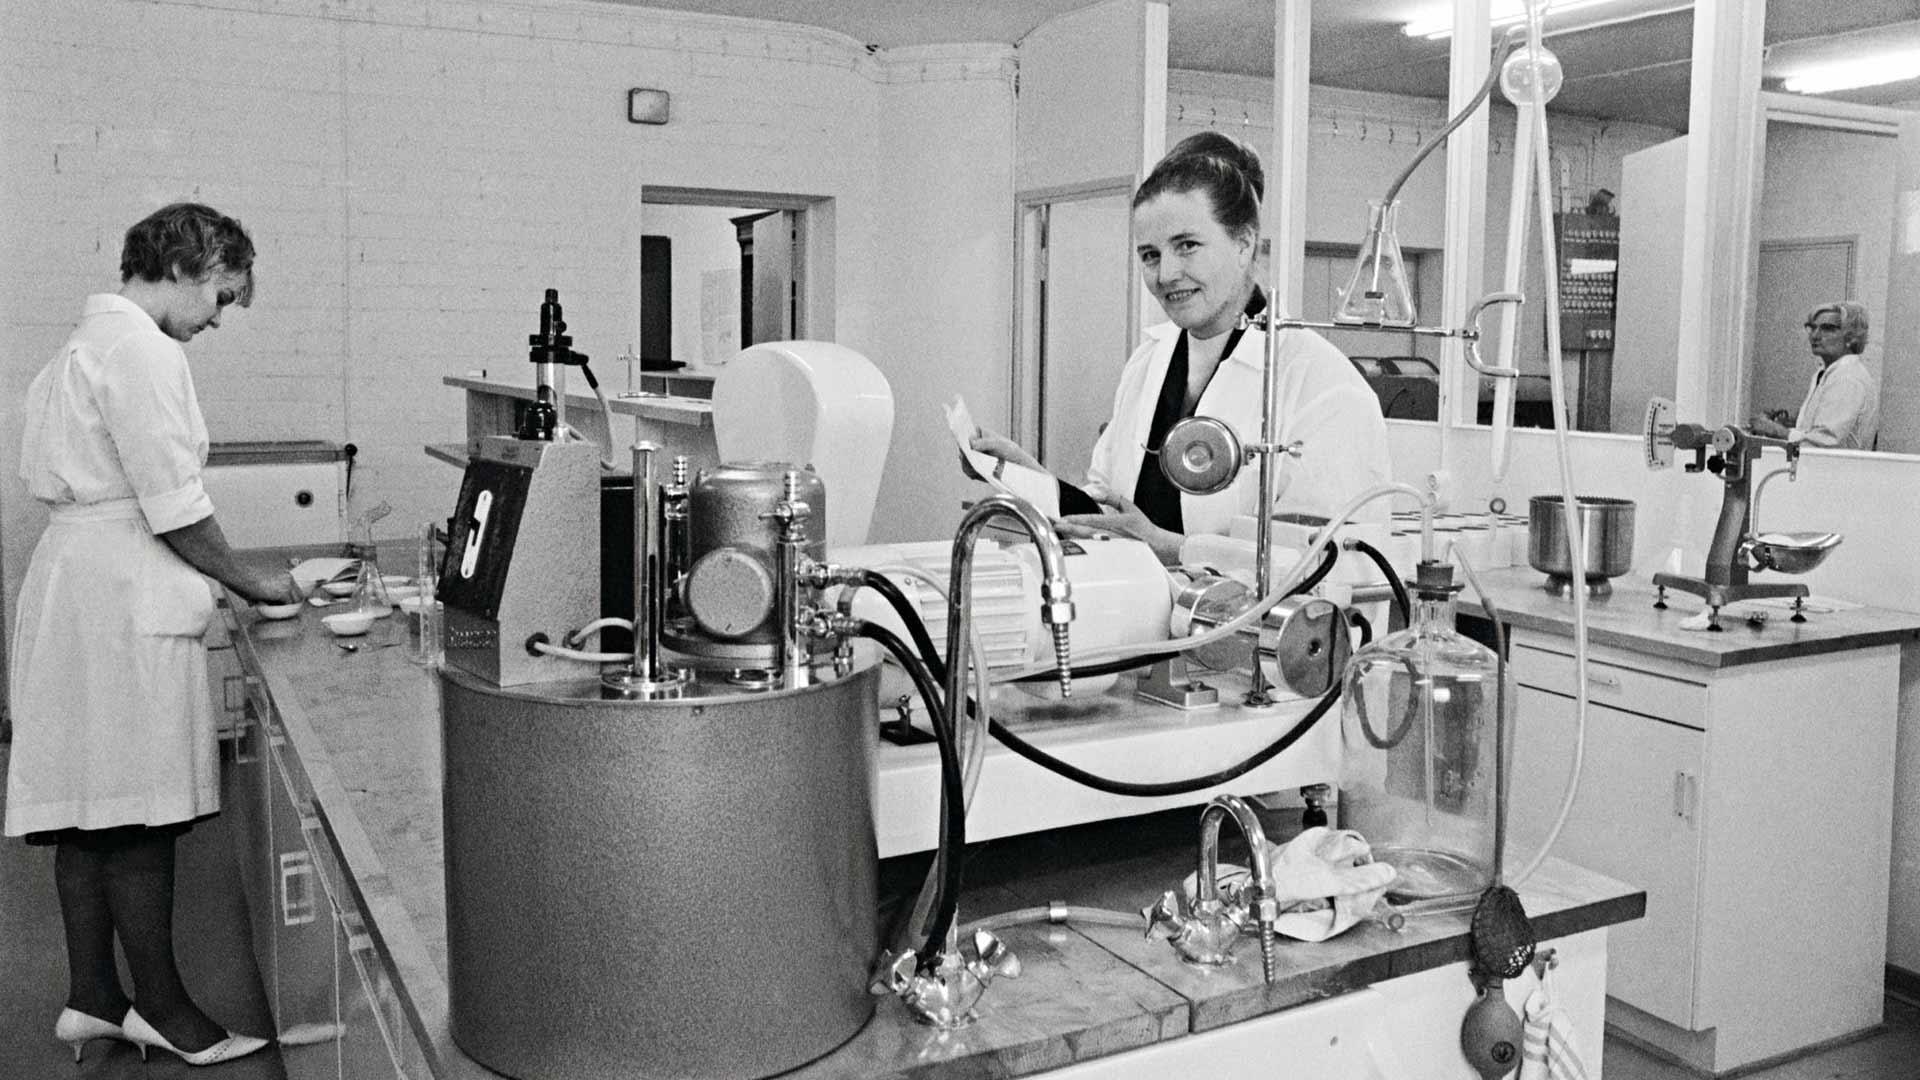 Valtion viljavaraston laboratoriossa analysoitiin marraskuussa 1965 näyte-eriä käsin.